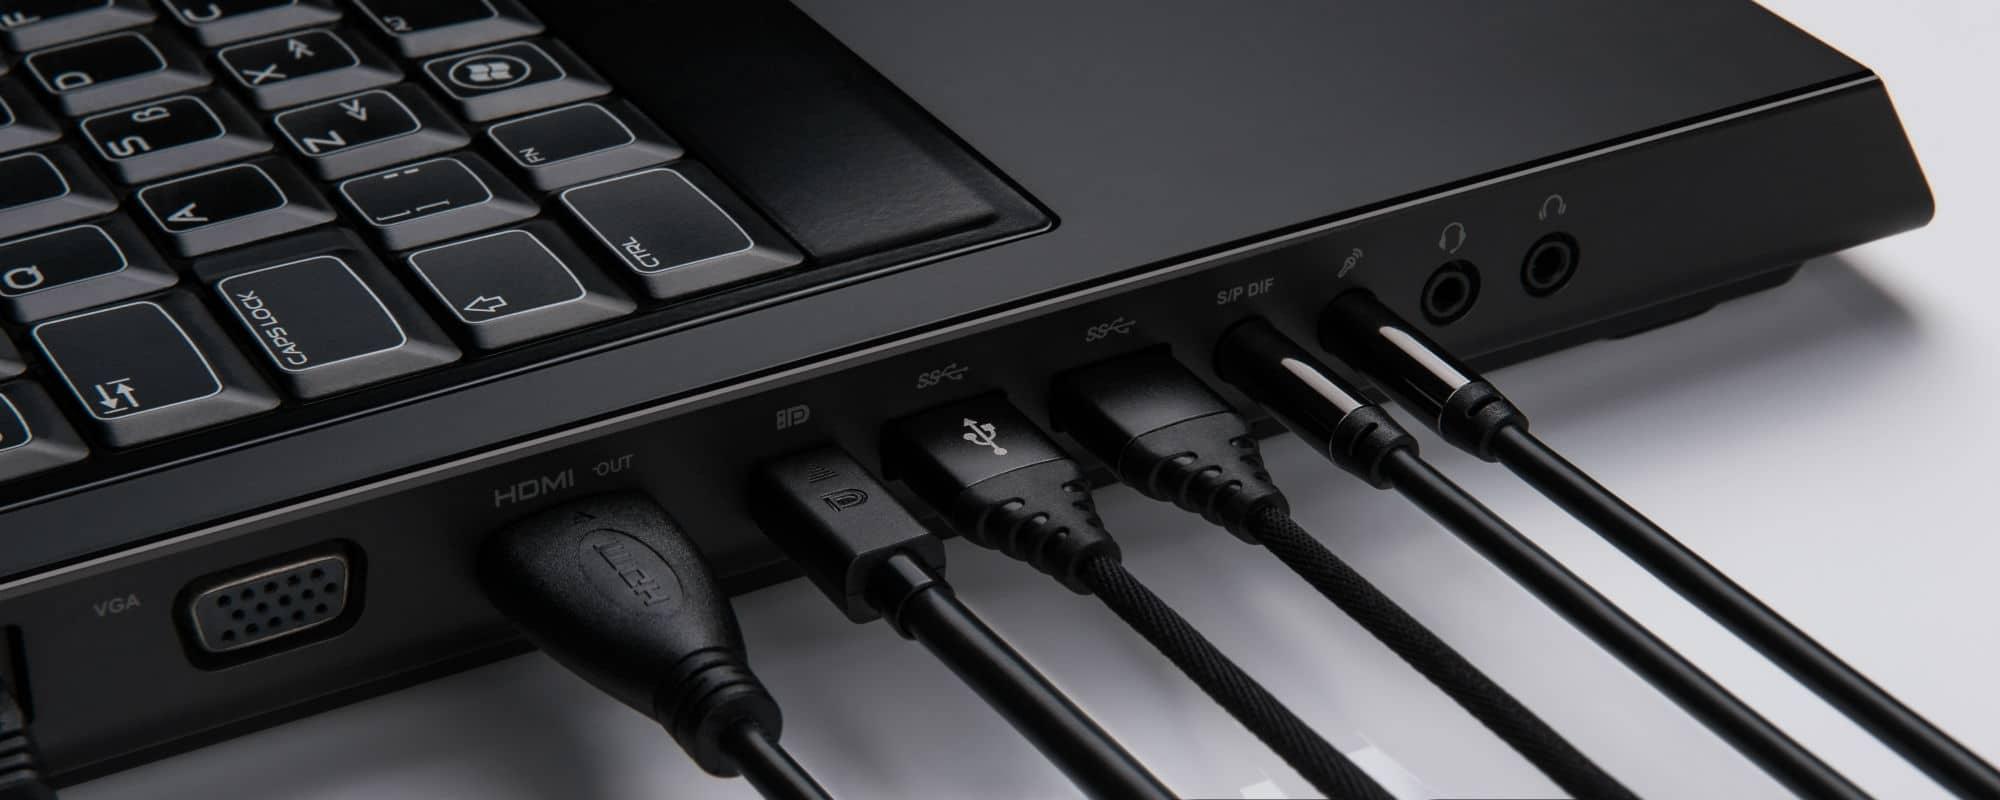 cables y conectores para nuestros equipos